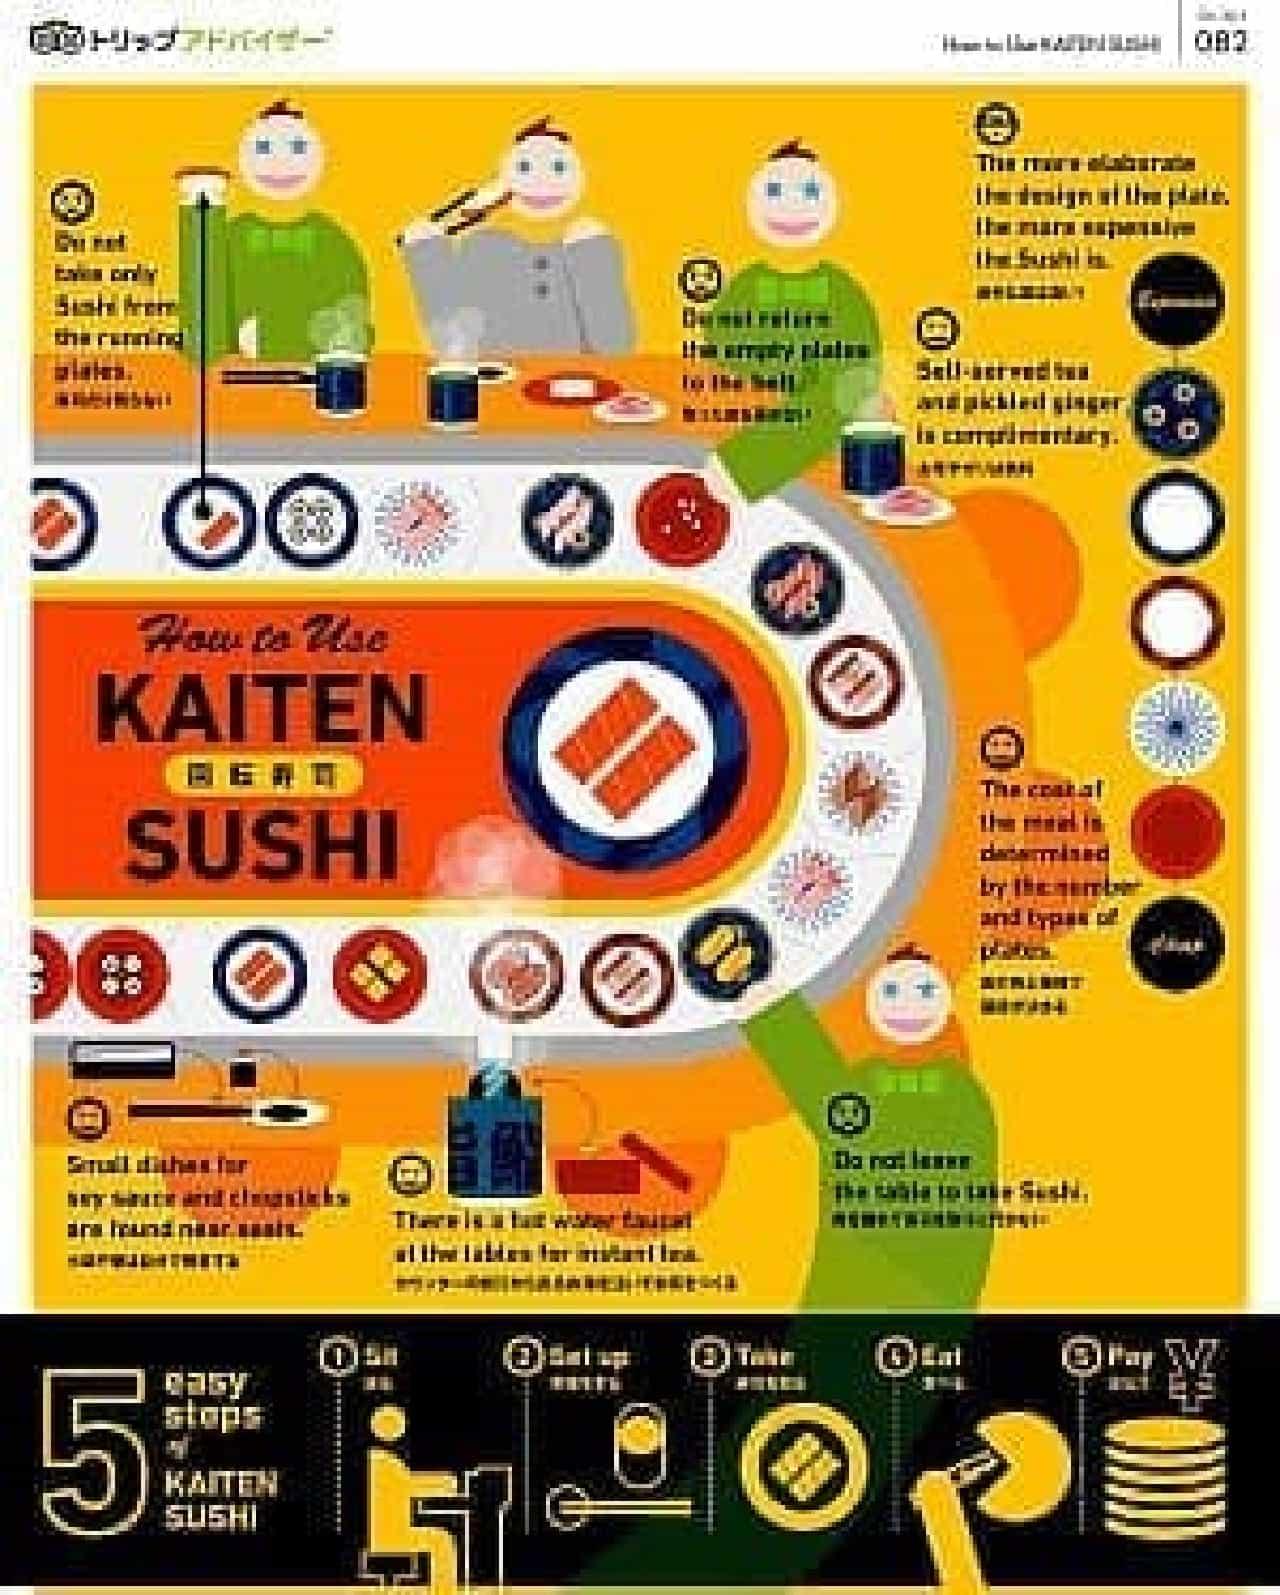 「外国人に教えたい回転寿司の掟」(一部)